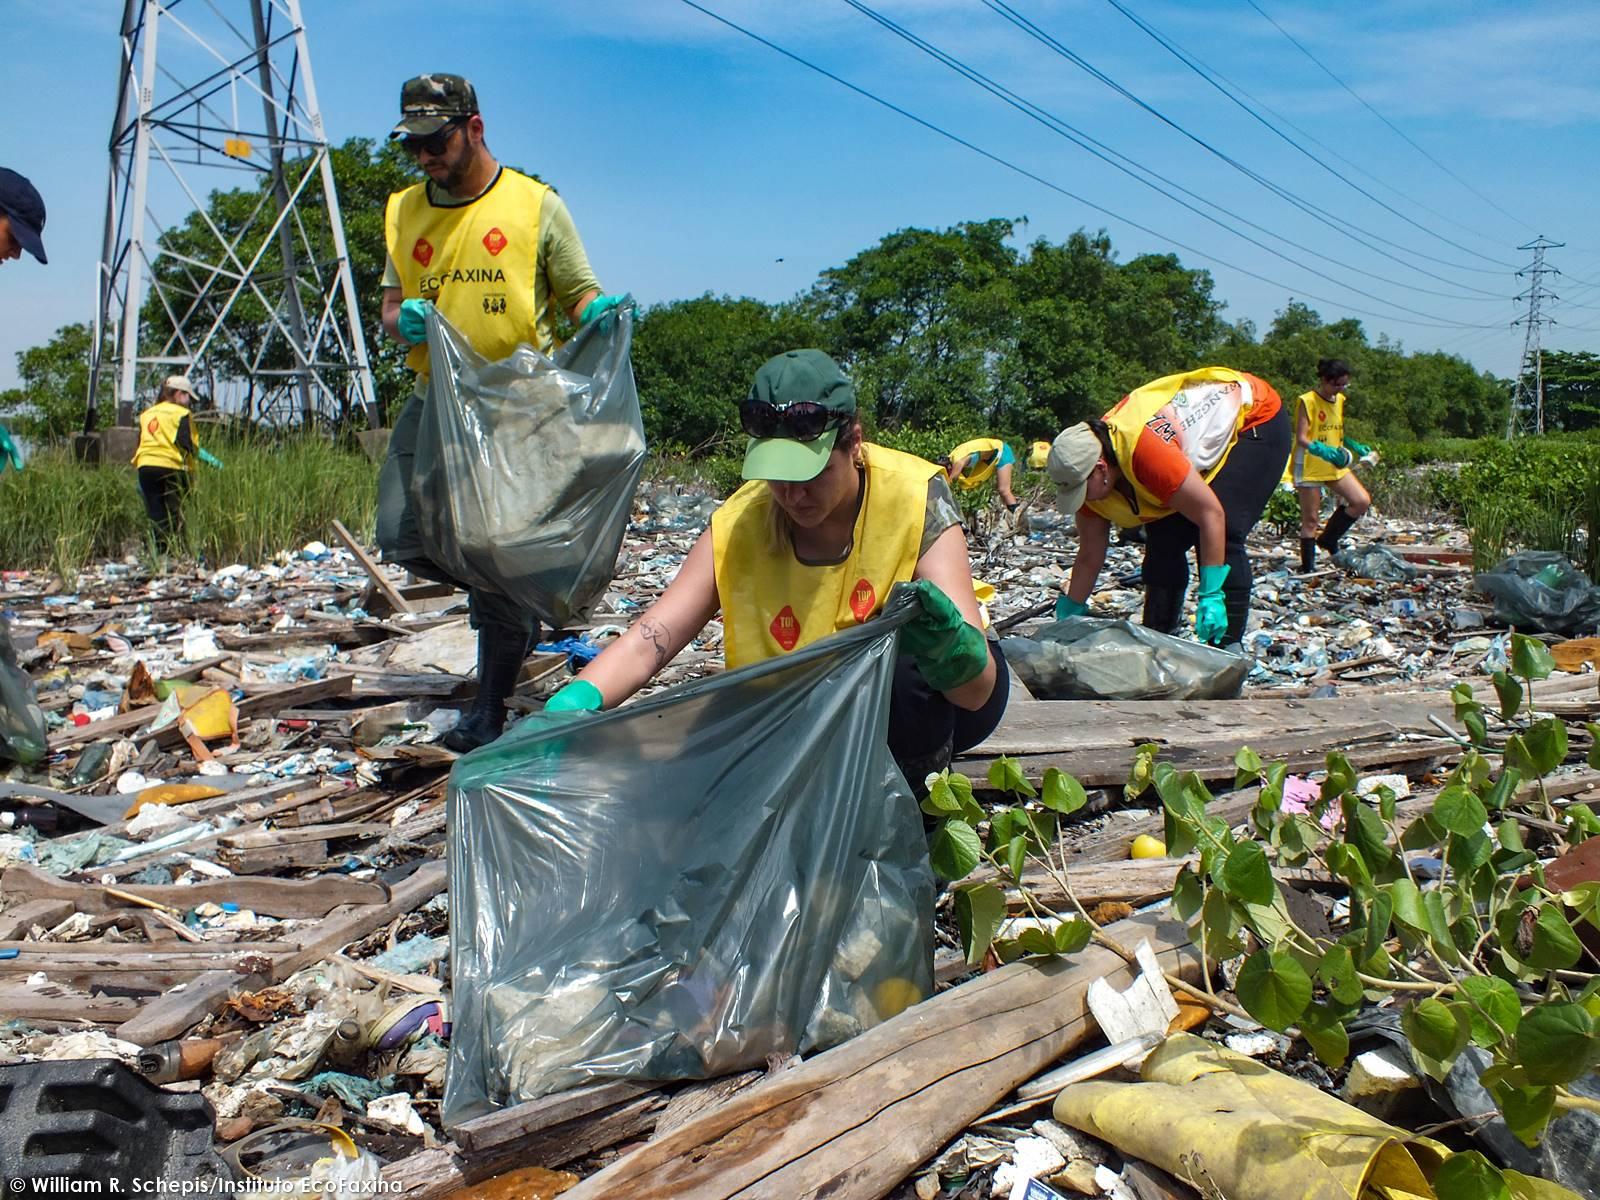 Voluntários do Greenpeace de São Paulo participam regularmente das ações, contribuindo na divulgação de informações sobre a problemática e a causa defendida.